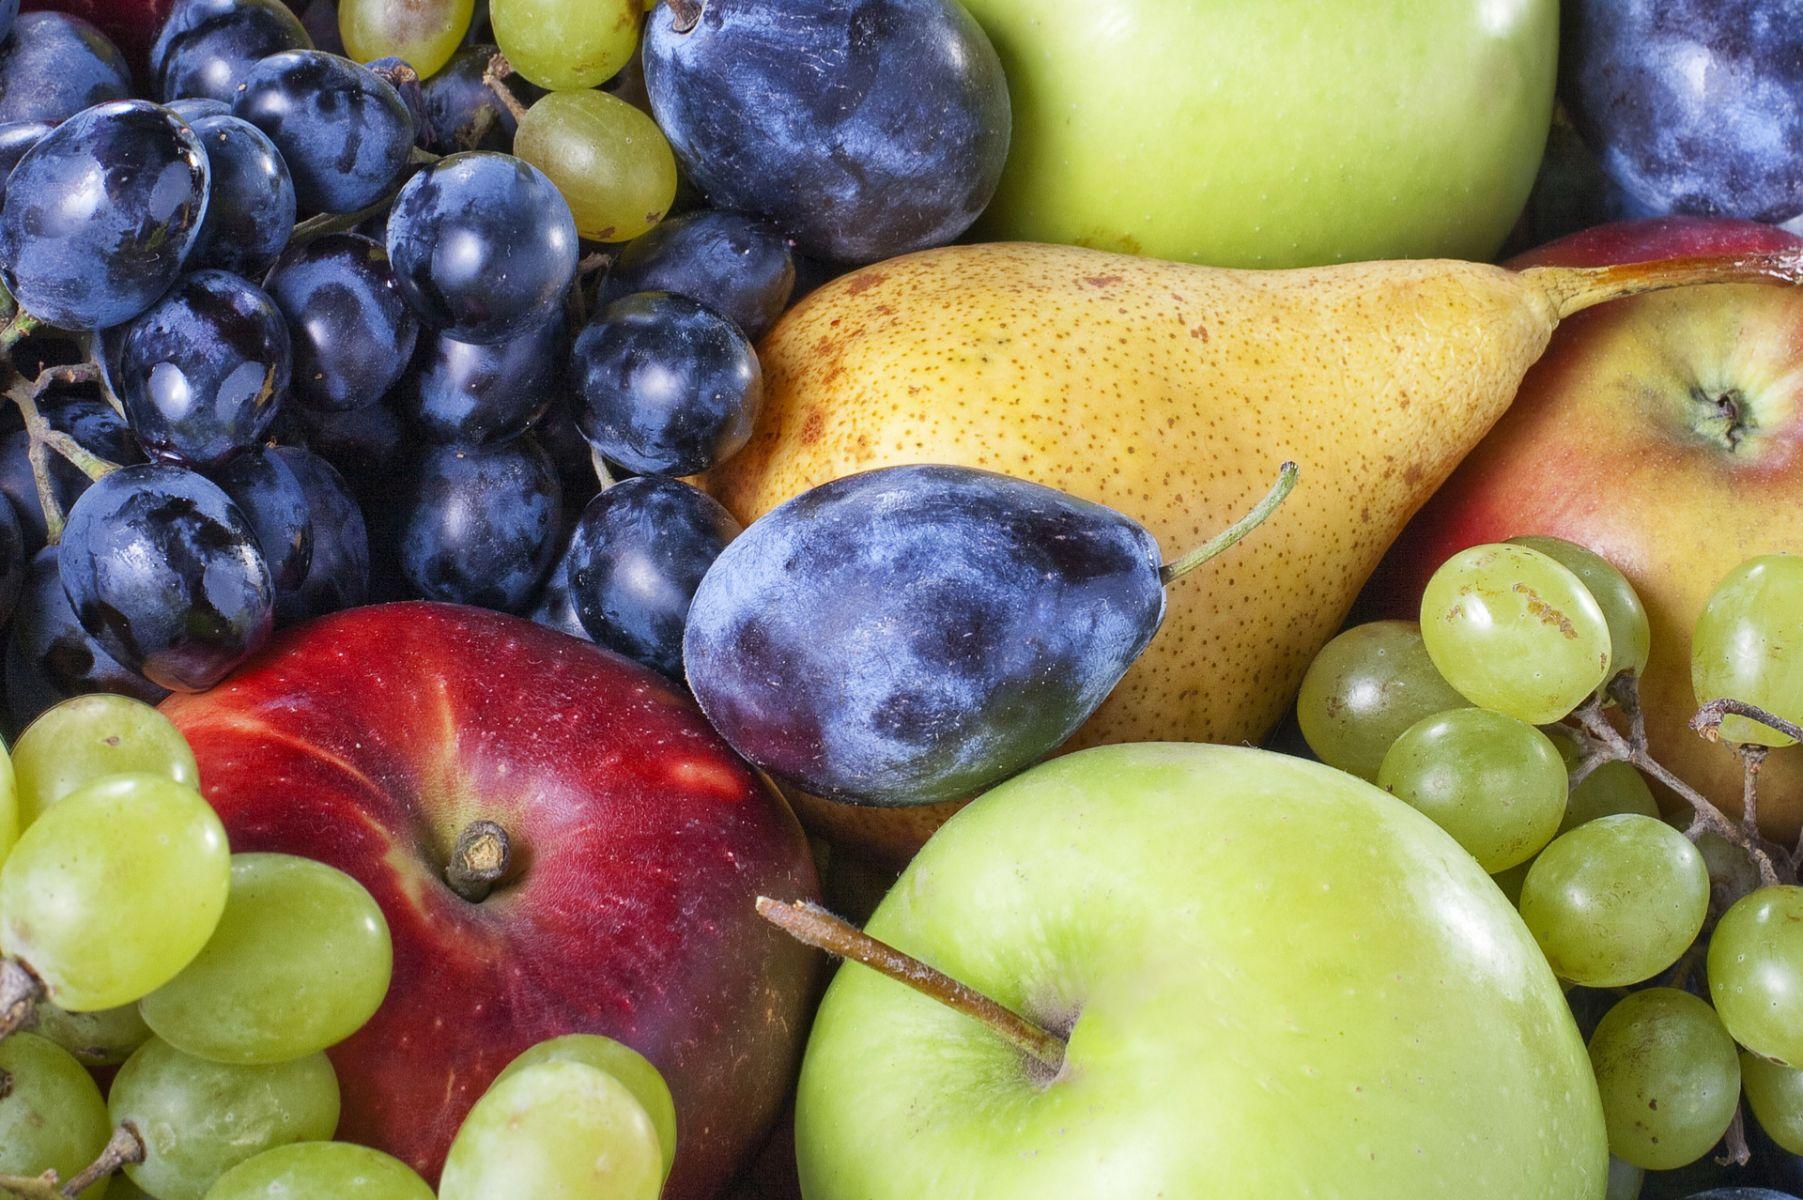 排便費力、大便偏硬、解不乾淨…吃這些食物解便秘困擾,而且早上吃最好